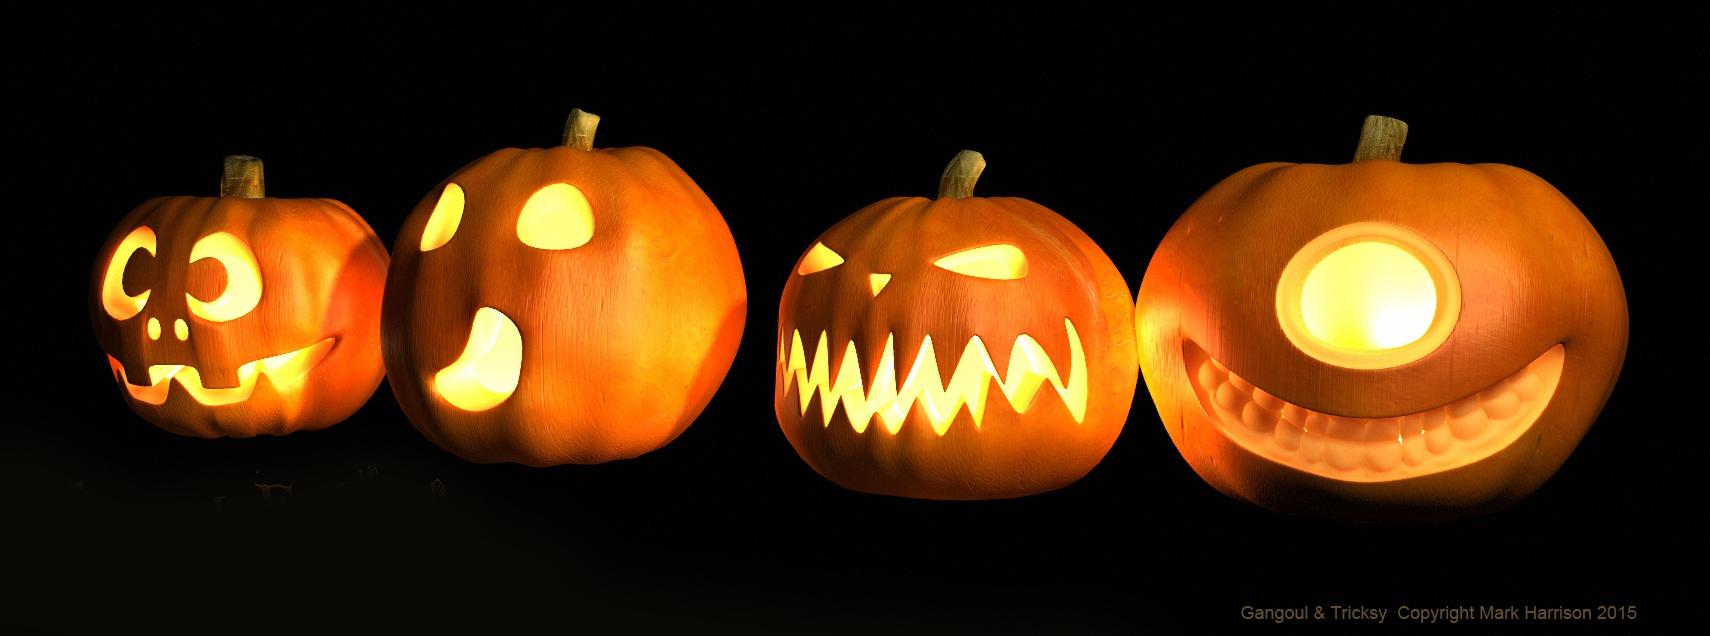 Pumpkin_Brigade_v03